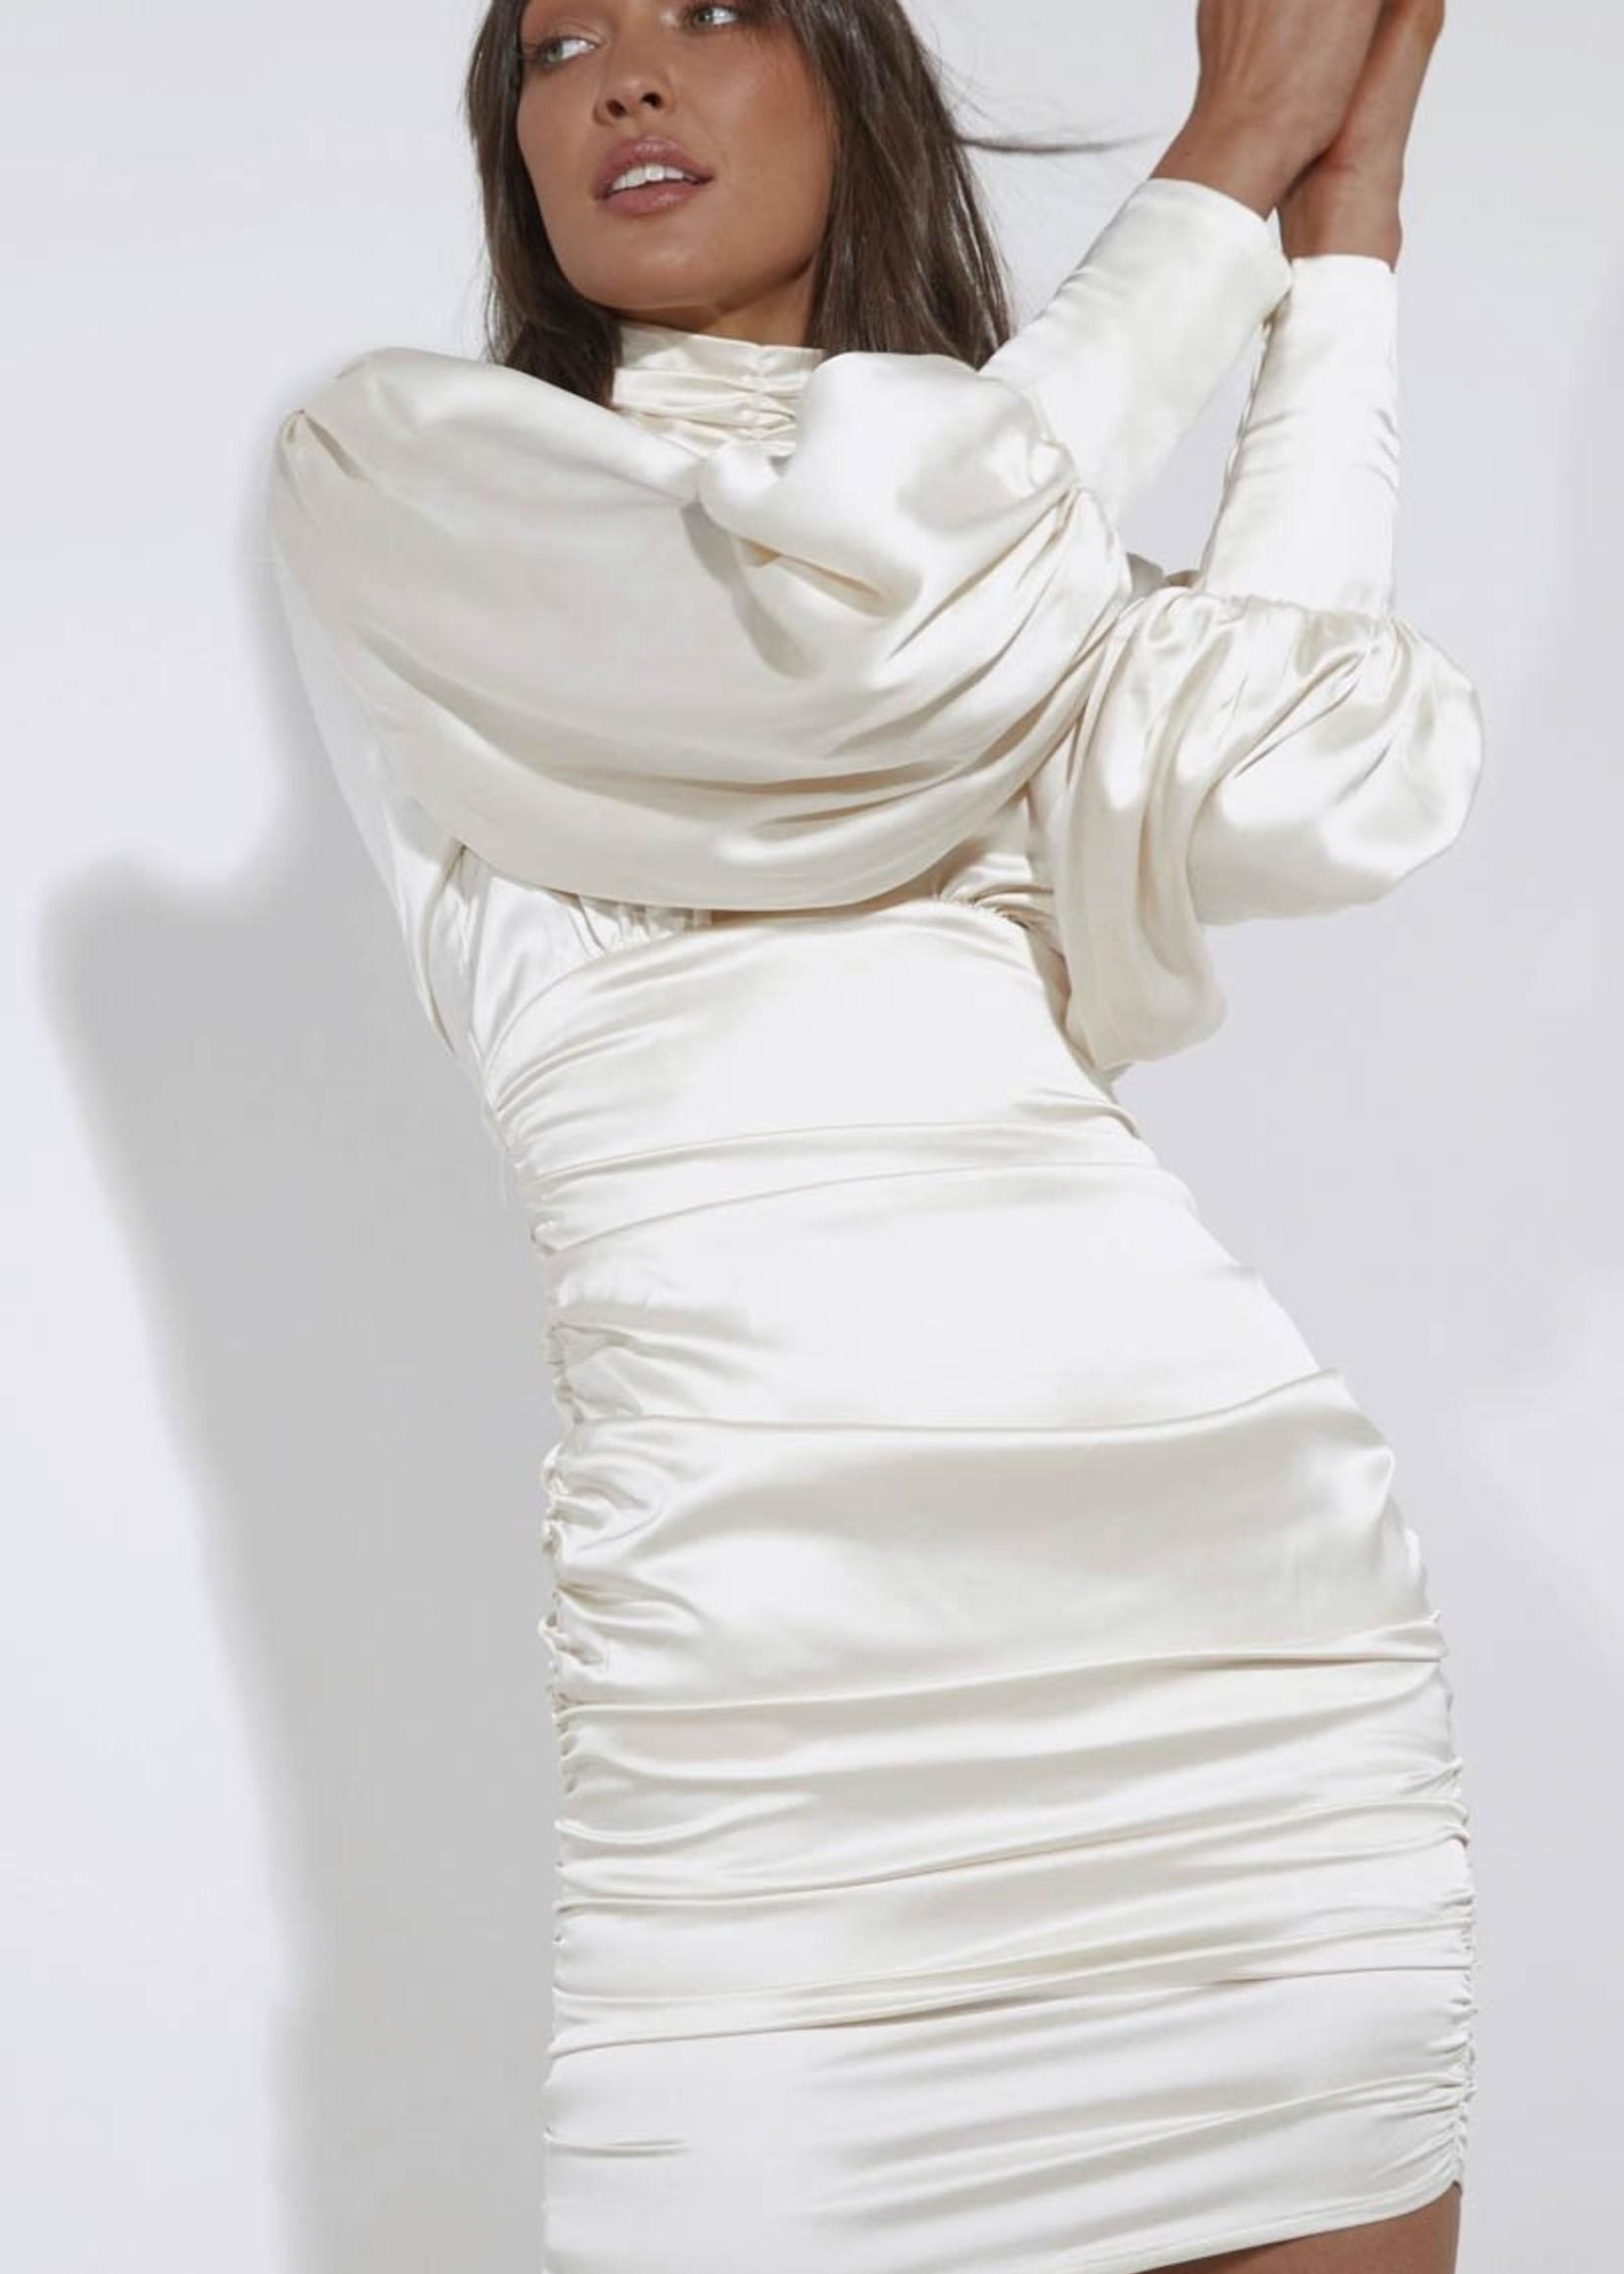 SNDYS Eden Satin Dress